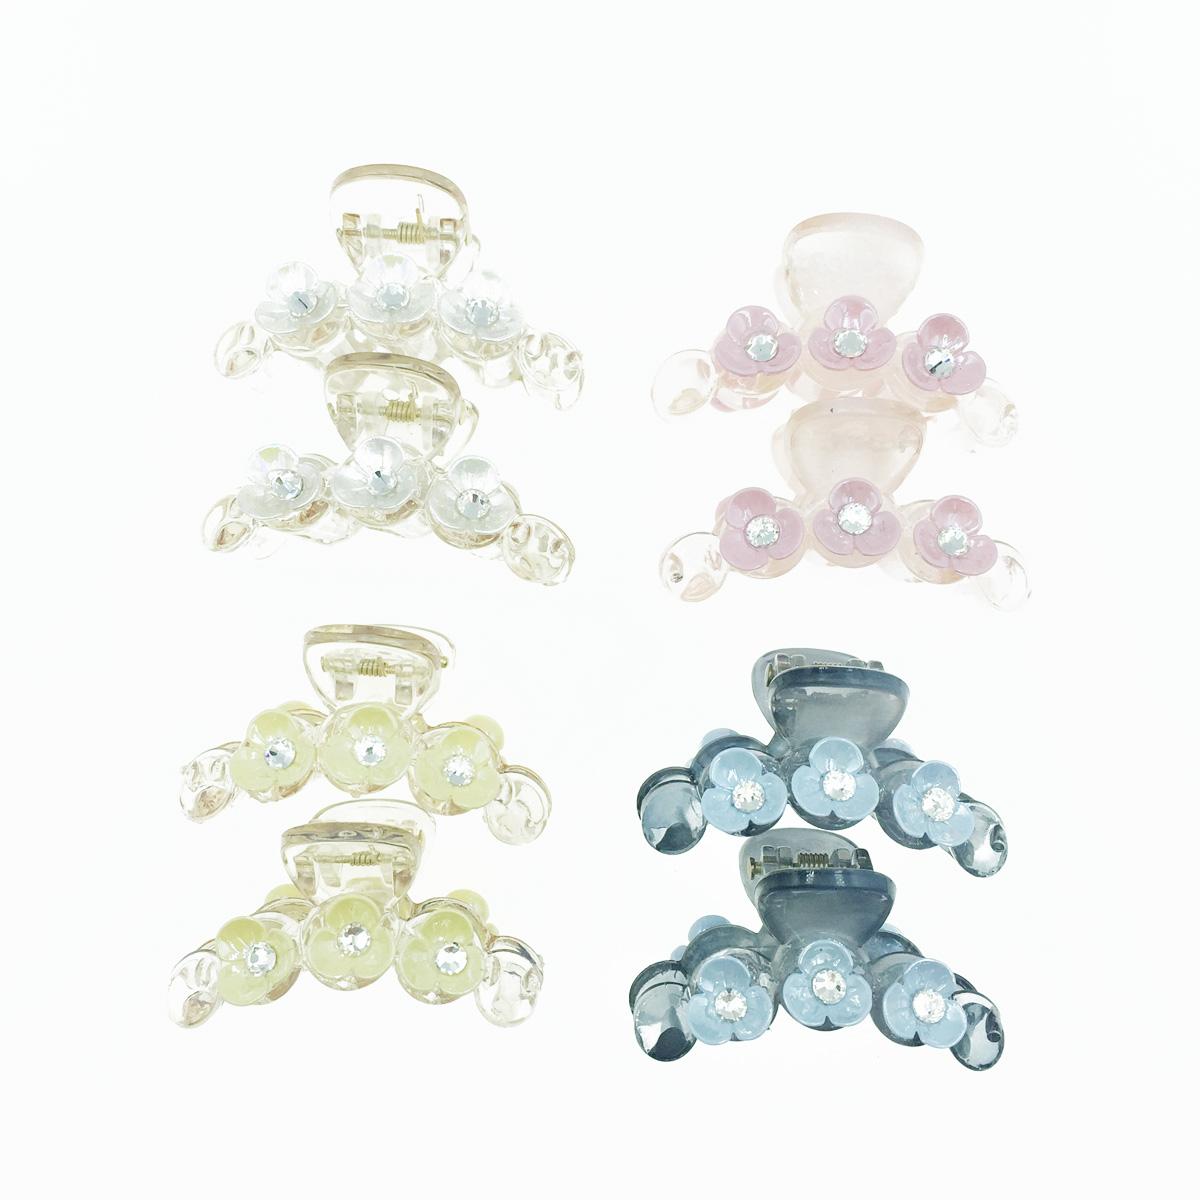 韓國 透明感 小花朵 水鑽 兩入組 4色 髮飾 爪夾 髮夾